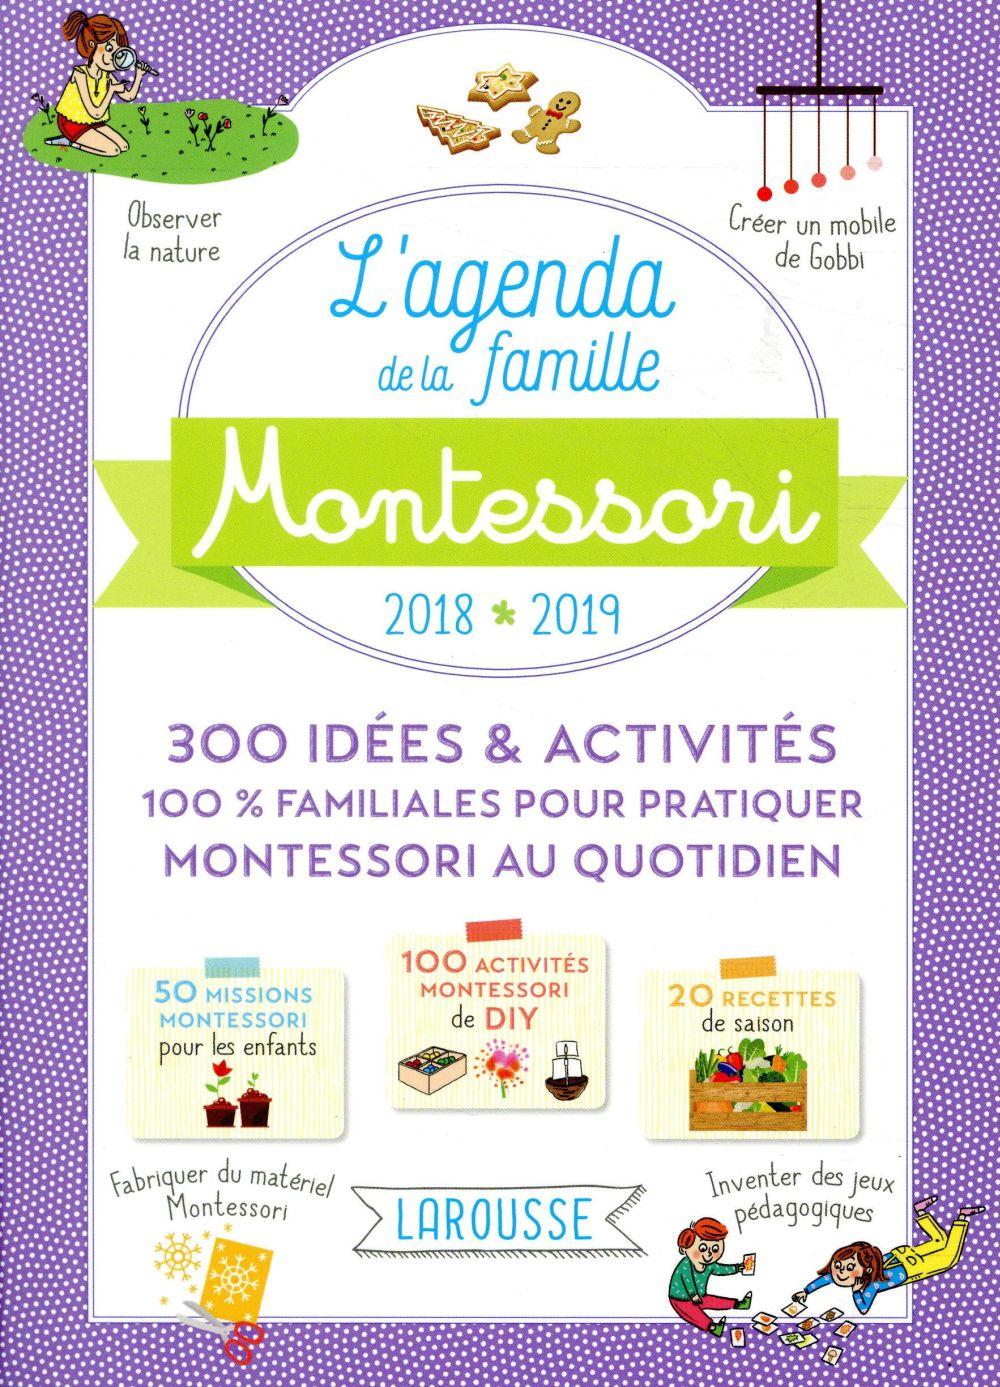 Agenda Montessori de la famille